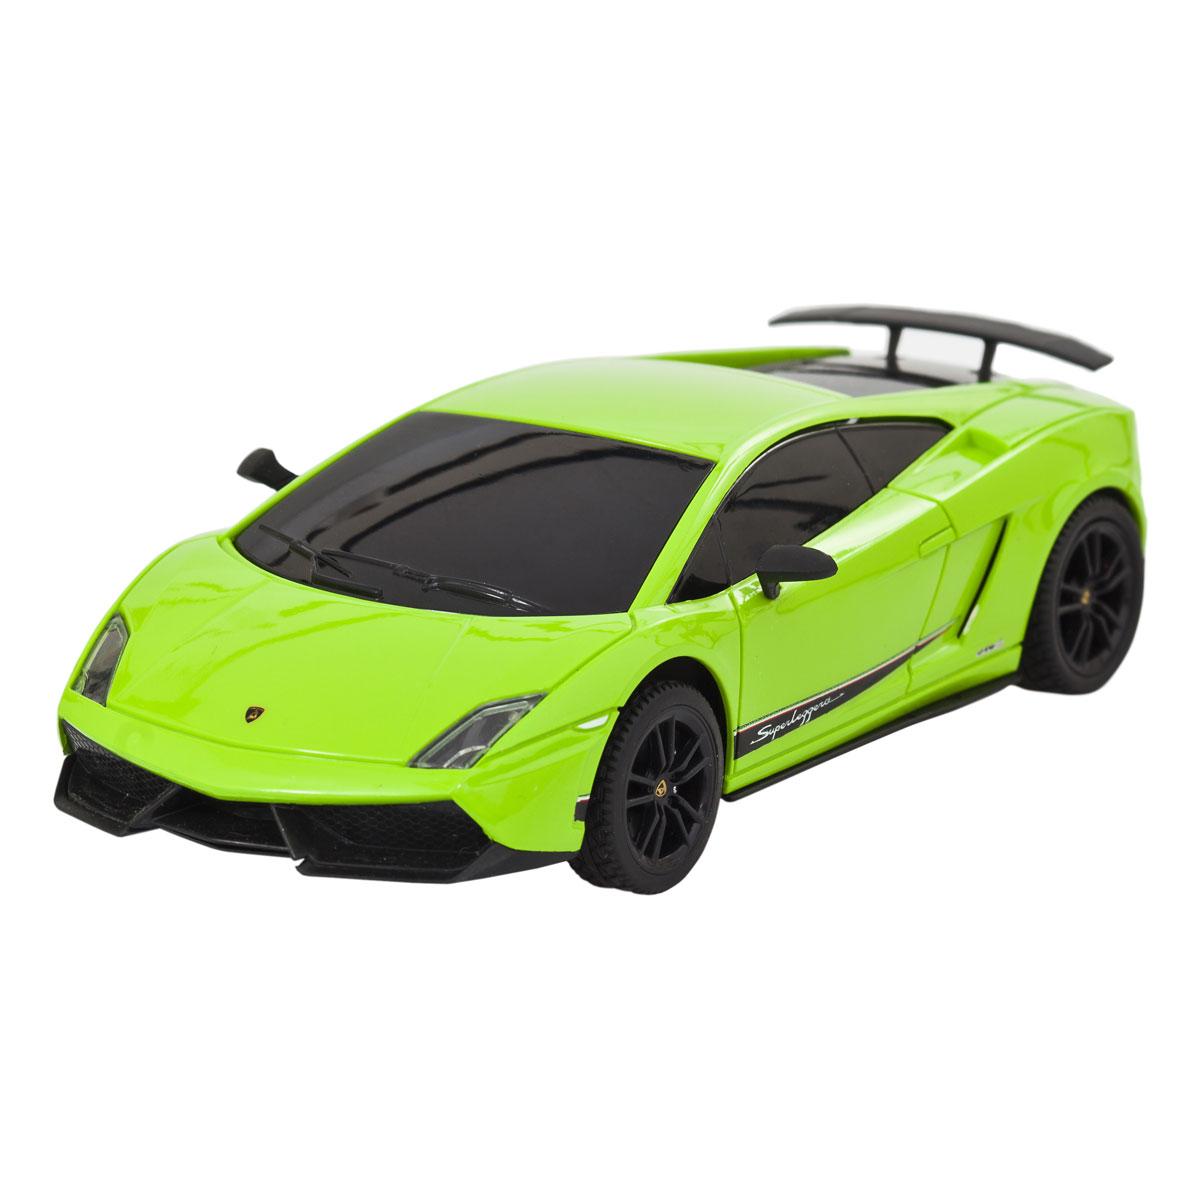 Bmw Z4 Gt3 Top Speed: Buddy Toys